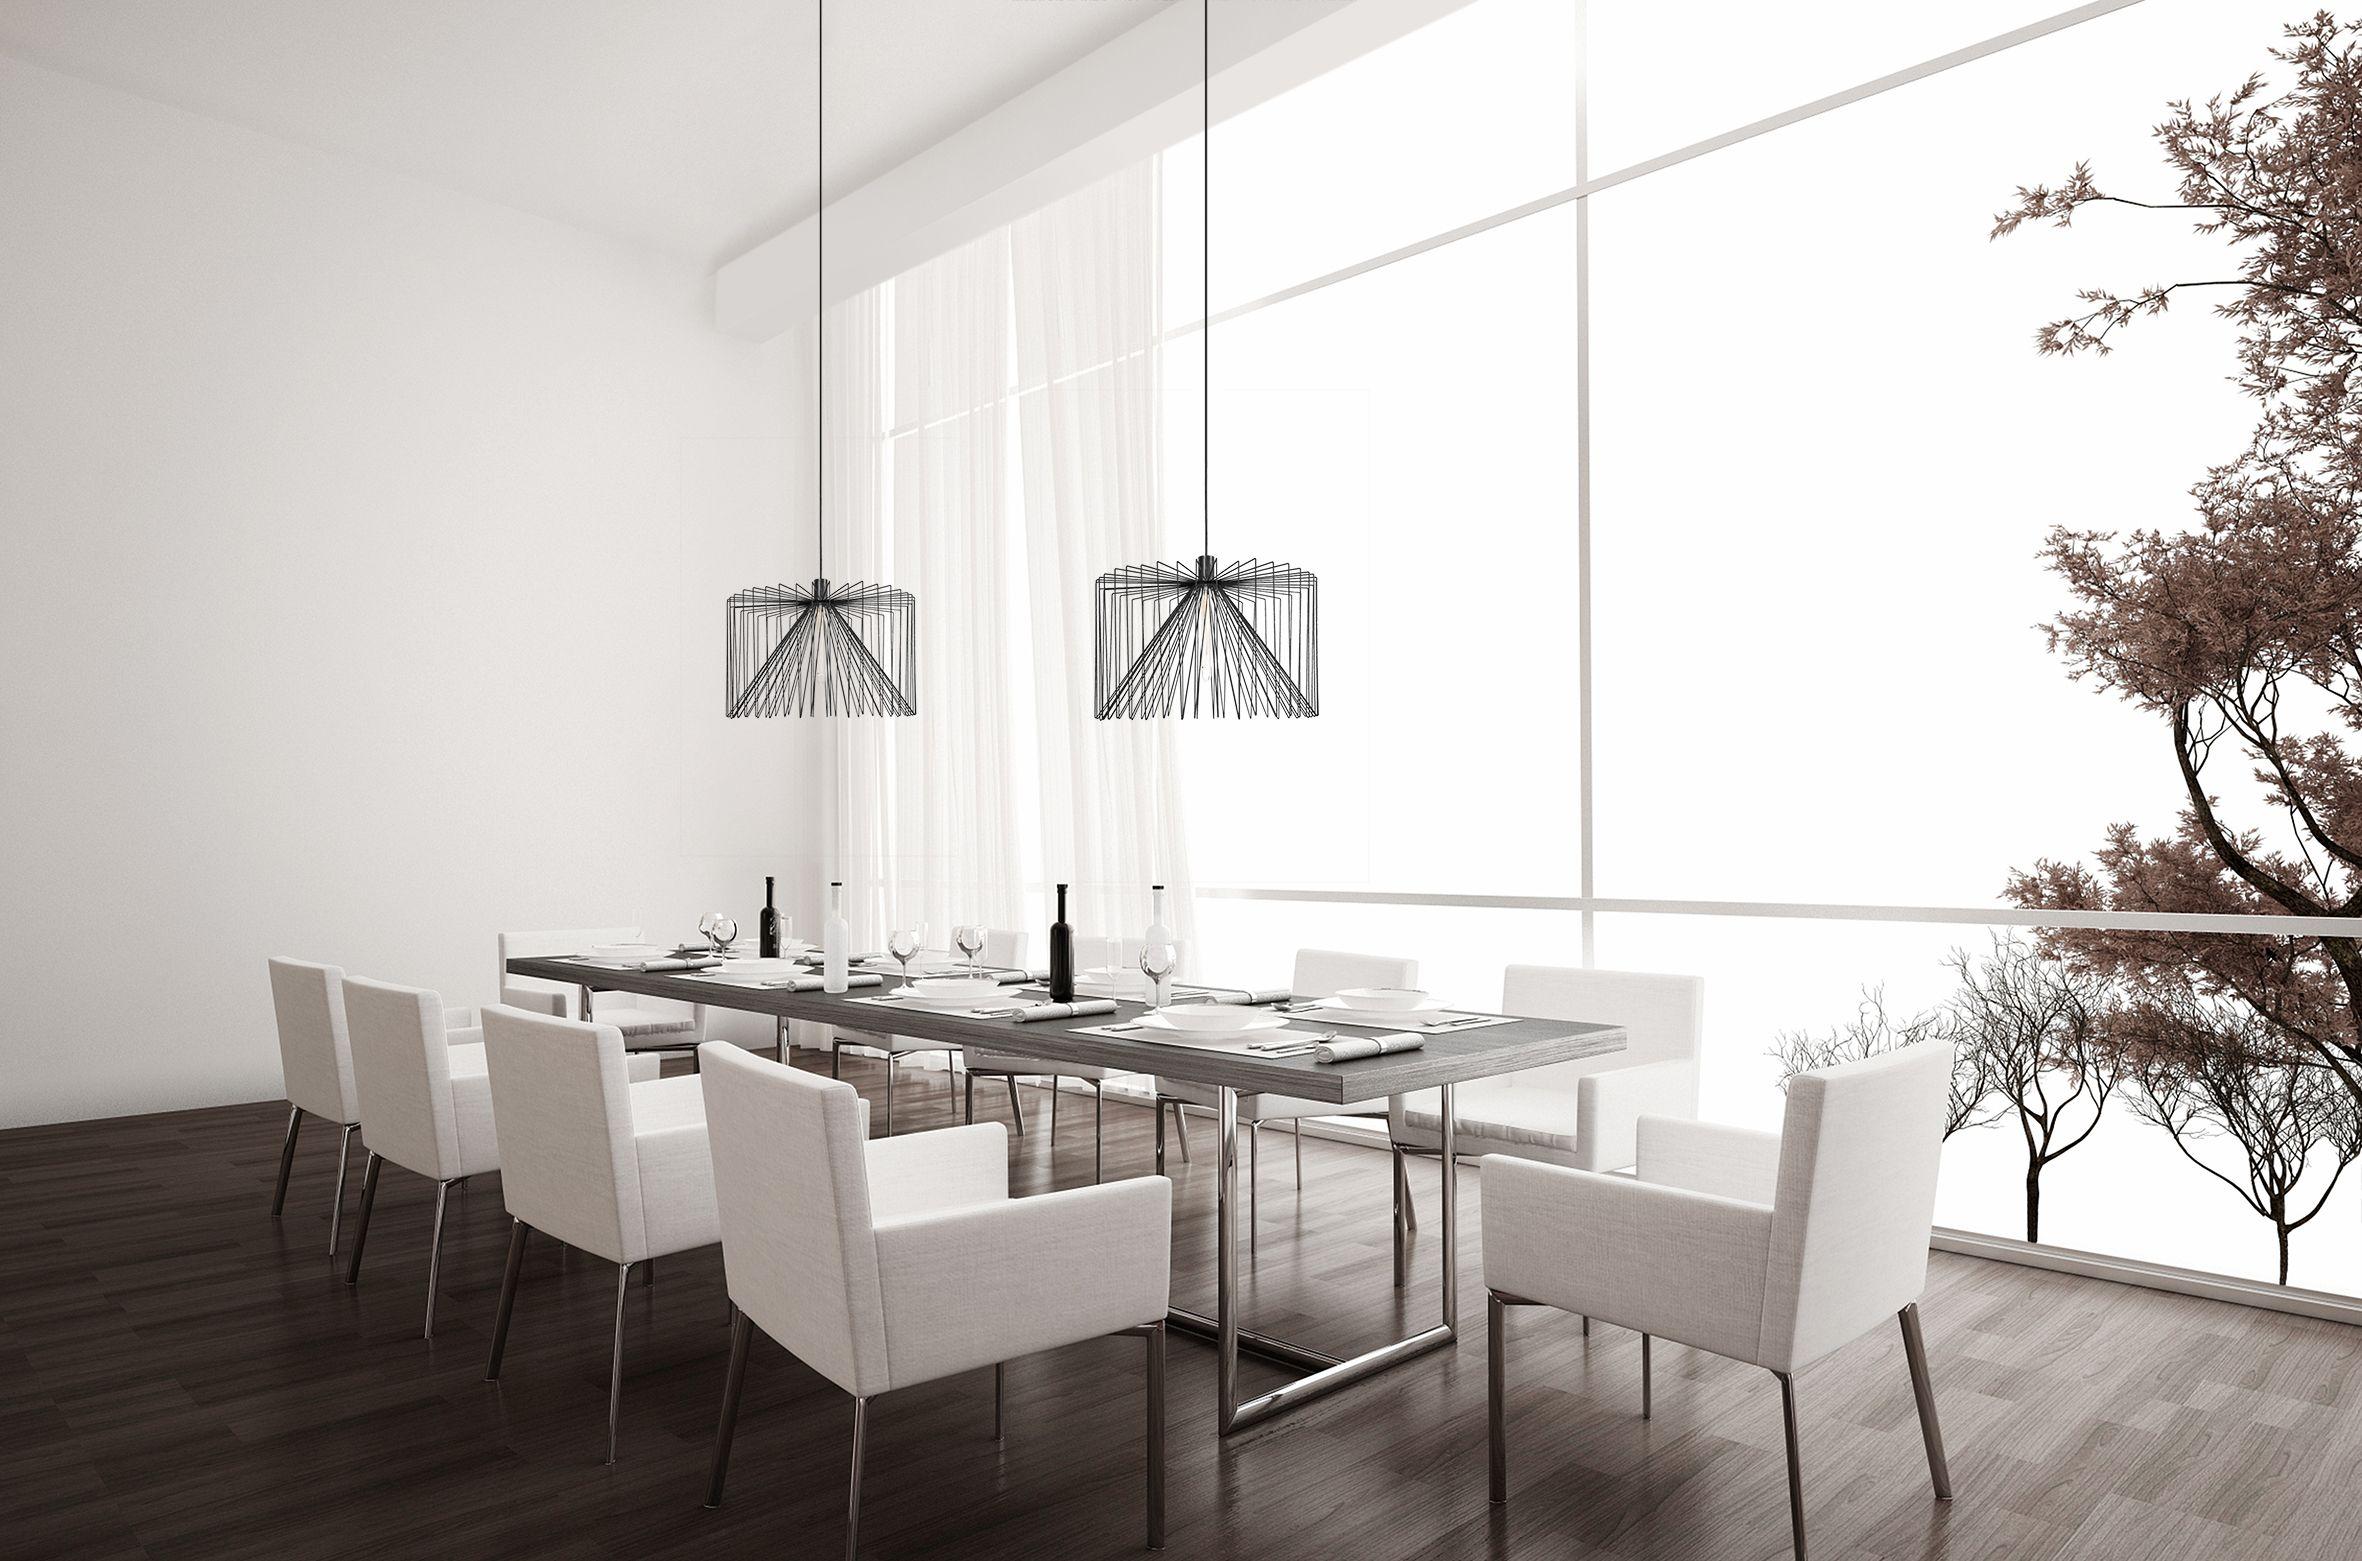 Eetkamer Lamp Design : Hanglamp eetkamer licht verlichting eikelenboom wiro wever en